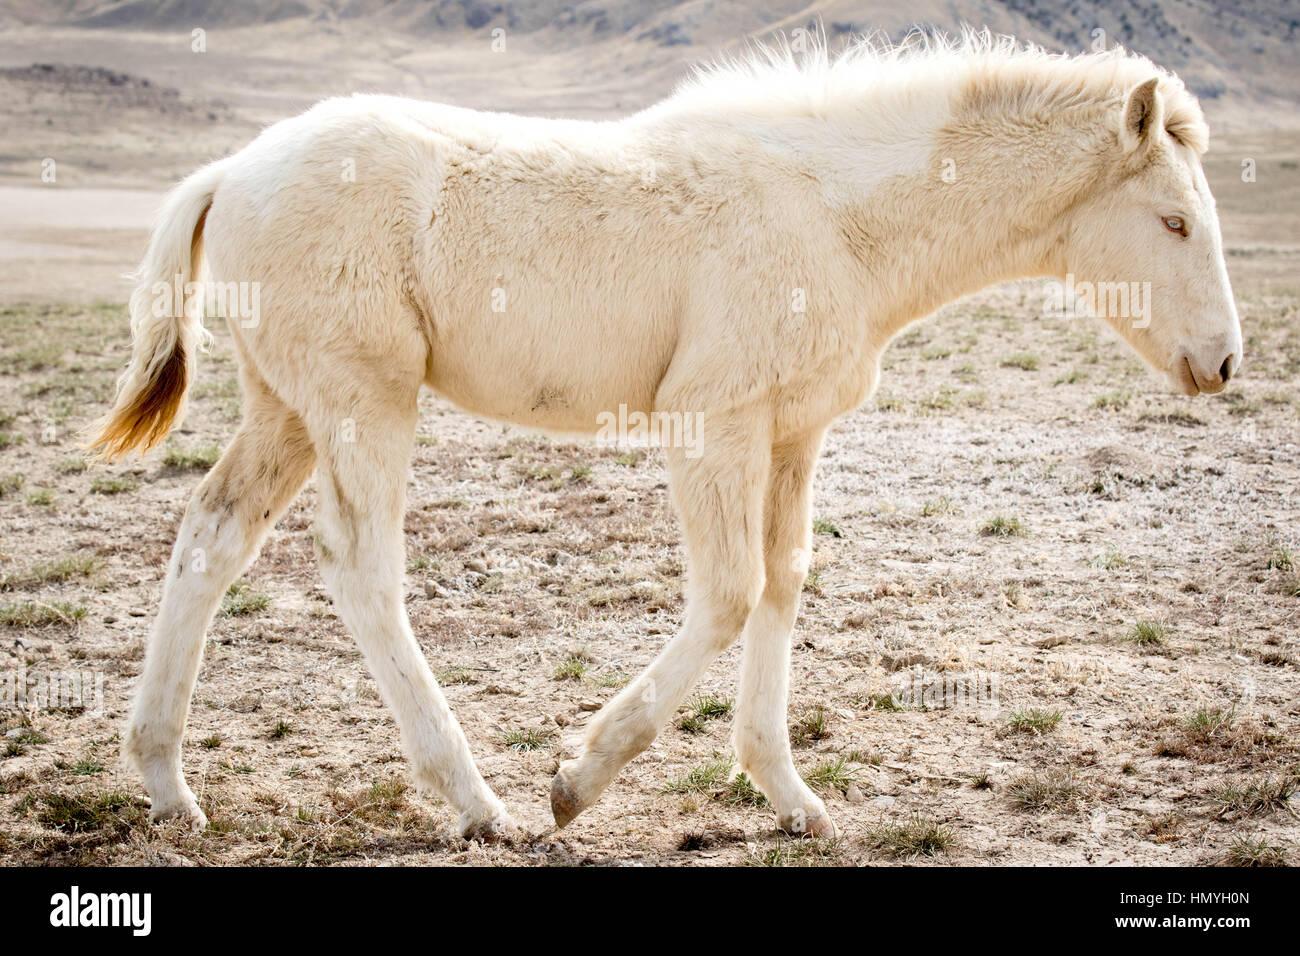 Stock Photo White Albino Mustang Profile (Equus ferus caballus) in West Desert, Utah, USA, North America - Stock Image